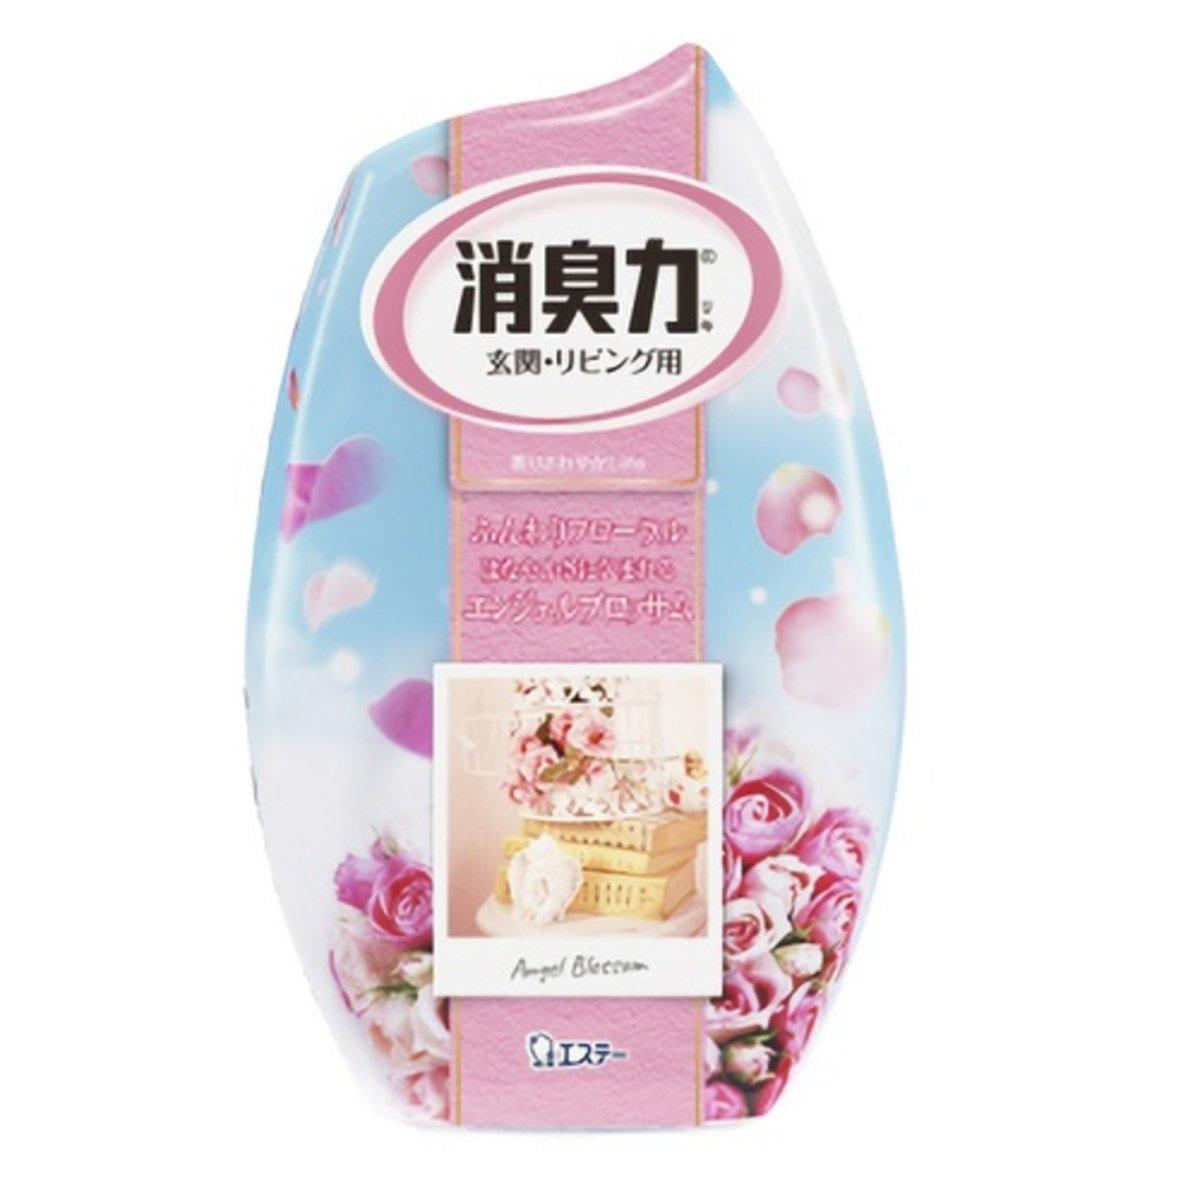 雞仔牌 室內消臭劑(花瓣) #天使花香 400ml